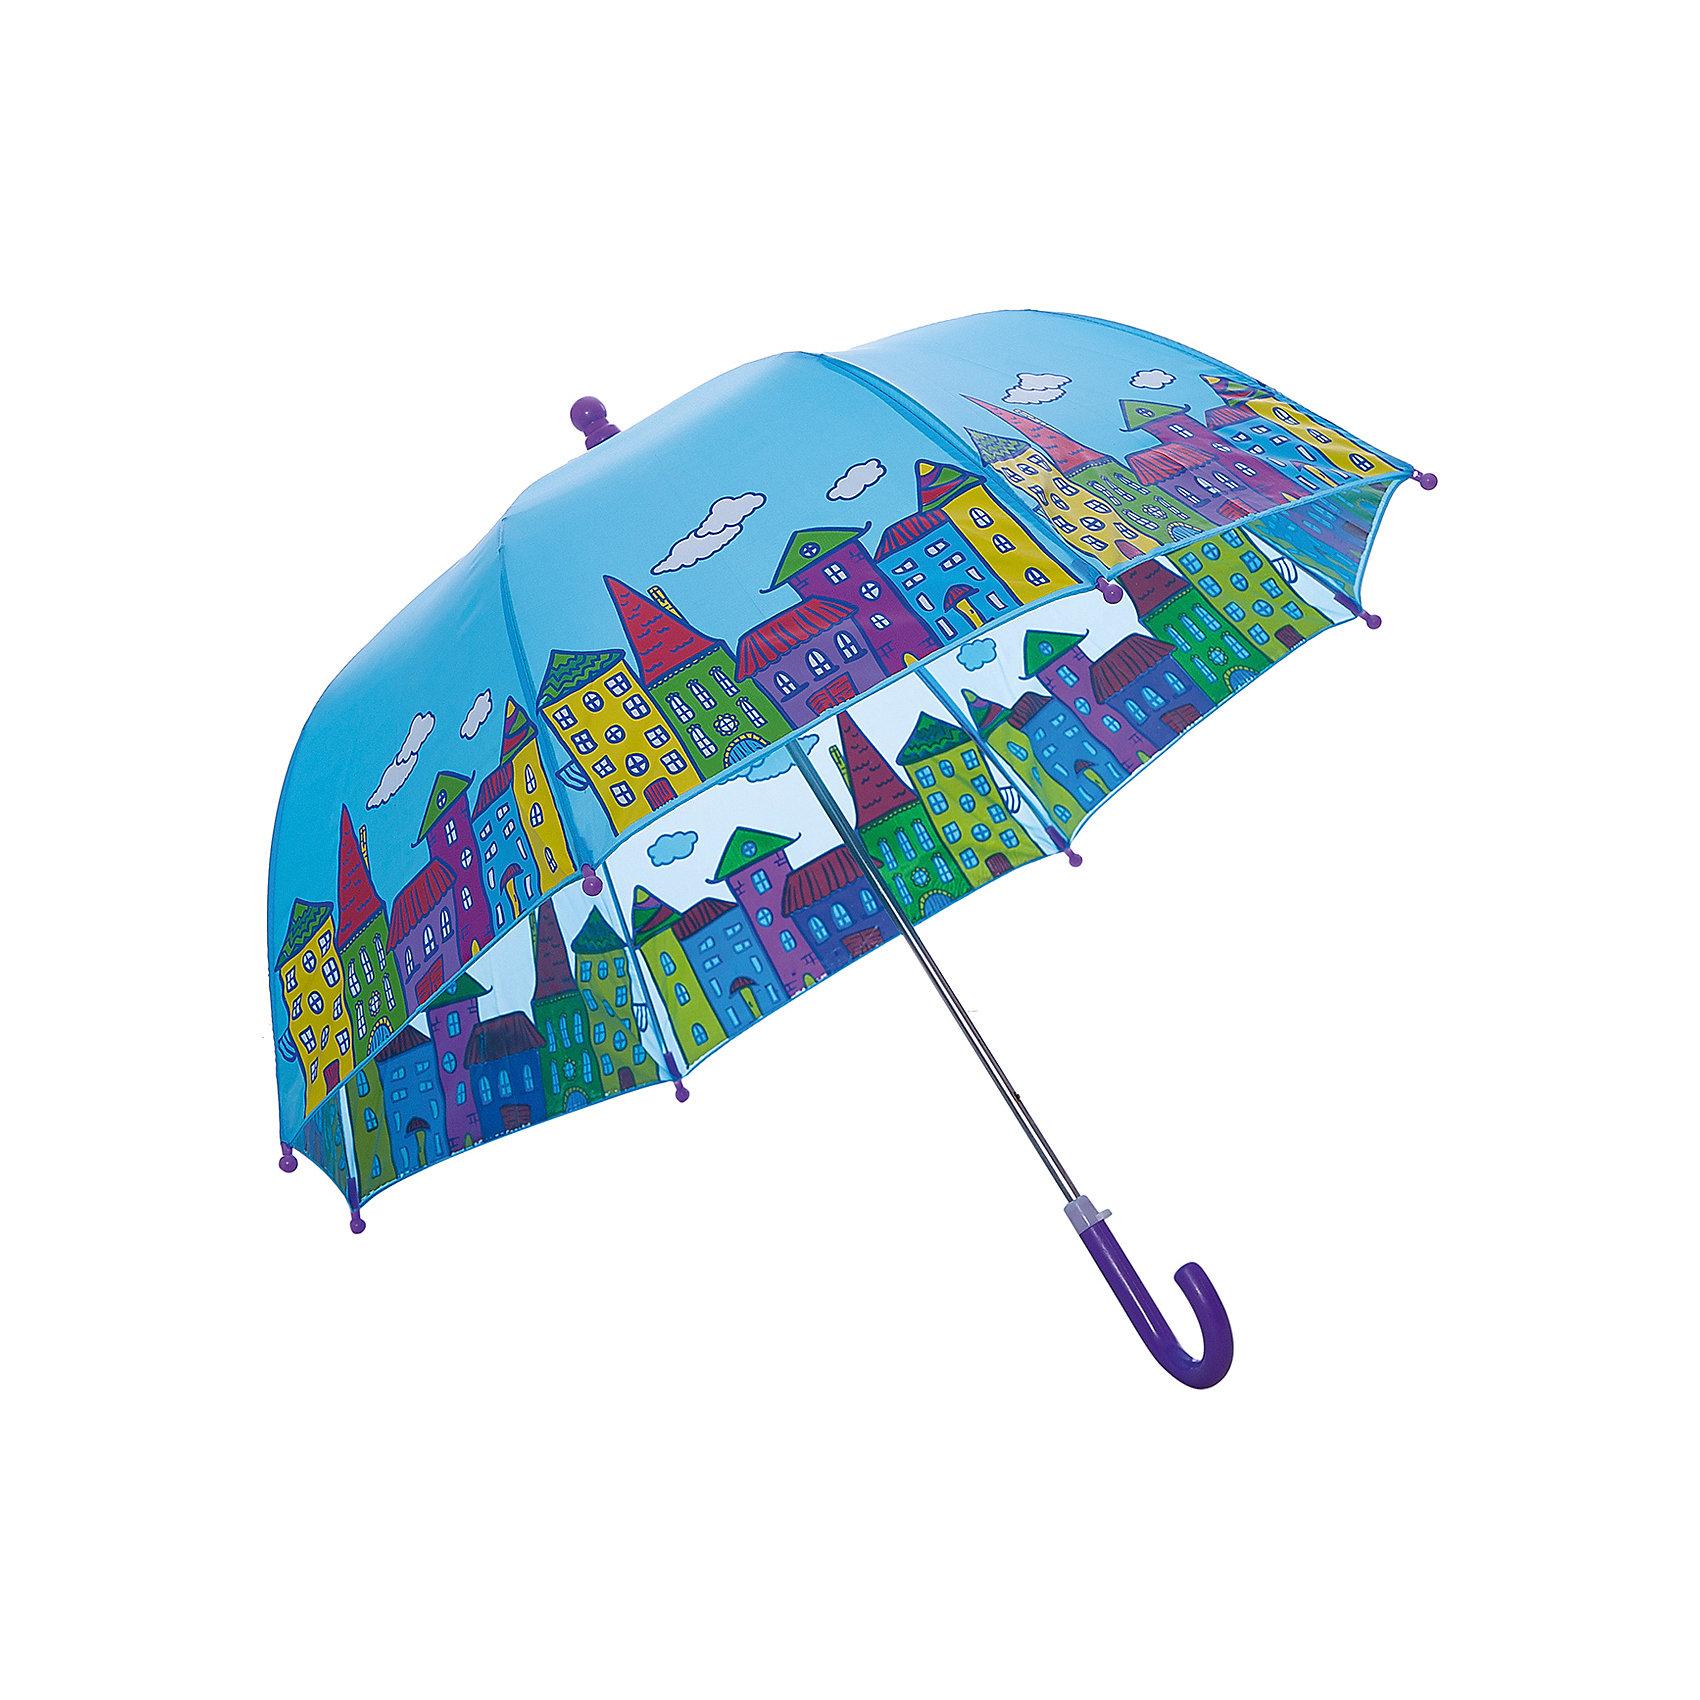 Зонт детский Домики, 46 см.Зонты детские<br>Зонт детский Домики, 46 см., Mary Poppins (Мэри Поппинс)<br><br>Характеристики:<br><br>• устойчив к ветру<br>• система складывания: механическая<br>• прочное крепление купола<br>• радиус купола: 46 см<br>• длина ручки: 57 см<br>• пластиковые наконечники на спицах<br>• материал: полиэстер, металл, пластик<br>• размер упаковки: 62х8х5 см<br><br>Даже дождик - не повод грустить дома, если у вас есть красивый зонтик! Зонт Домики поднимет настроение красивым рисунком с изображением домиков и защит от дождя и ветра. Купол изделия надежно крепится к металлическому каркасу, что делает его устойчивым к сильному ветру. Закругленную ручку удобно держать в руке. Спицы зонтика имеют закругленные наконечники из пластика, выполняющие защитную функцию.<br><br>Зонт детский Домики, 46 см., Mary Poppins (Мэри Поппинс) вы можете купить в нашем интернет-магазине.<br><br>Ширина мм: 615<br>Глубина мм: 500<br>Высота мм: 800<br>Вес г: 220<br>Возраст от месяцев: 36<br>Возраст до месяцев: 2147483647<br>Пол: Унисекс<br>Возраст: Детский<br>SKU: 5508505